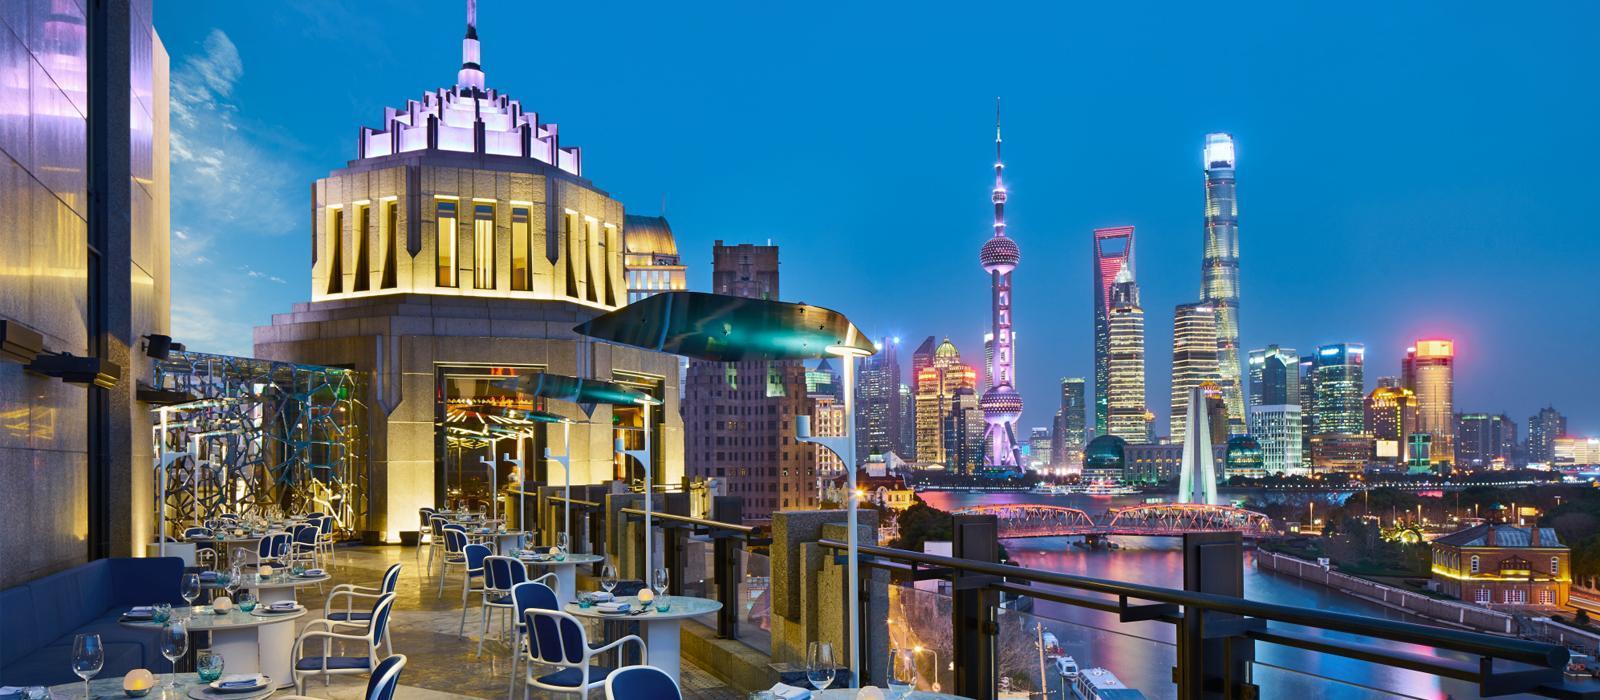 上海蘇寧寶麗嘉酒店(Bellagio Shanghai)【 上海,中國】 酒店  www.533304.buzz